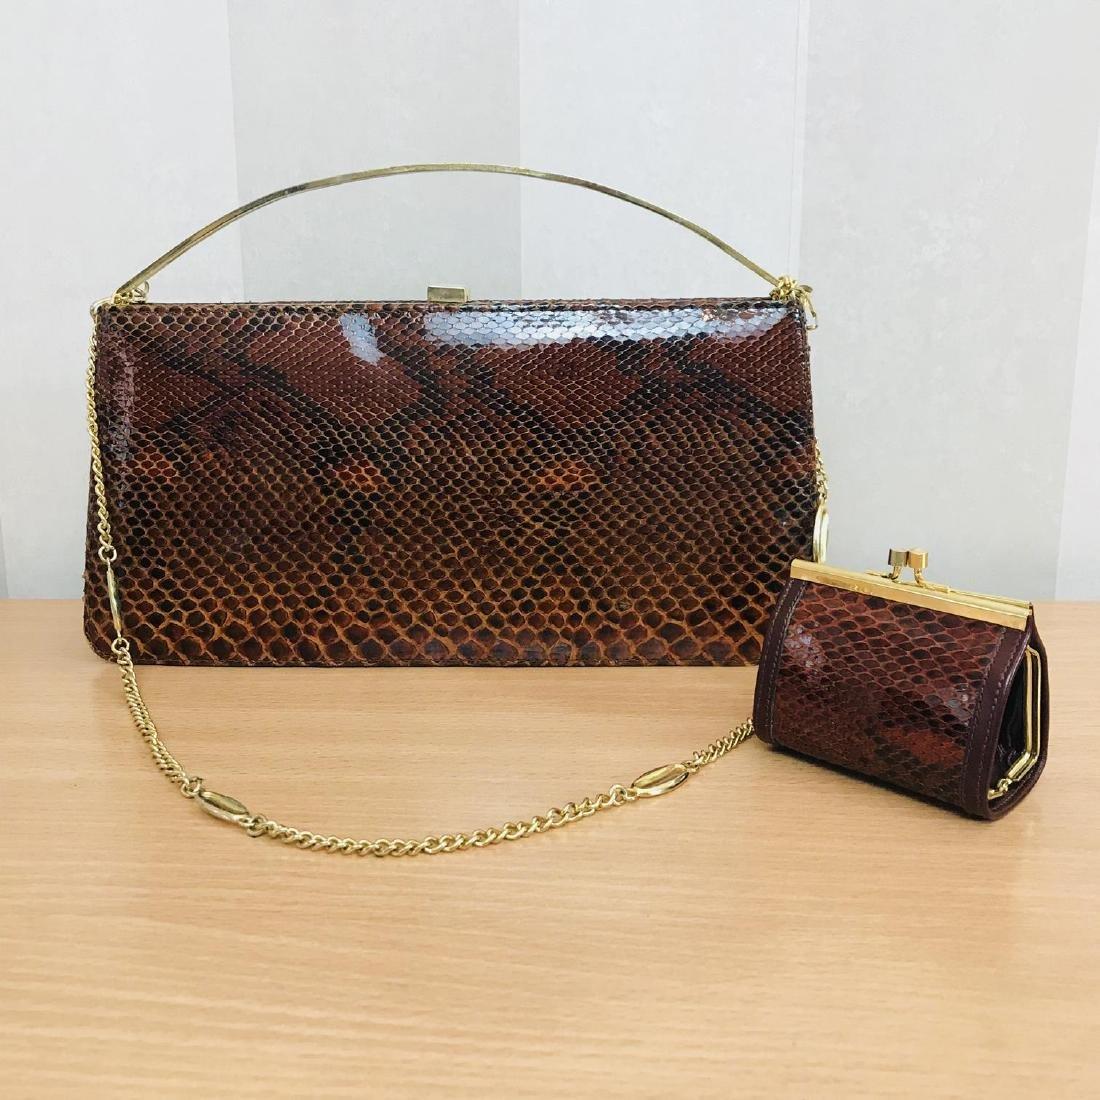 Vintage Genuine Snake Skin Leather Clutch Bag Handbag